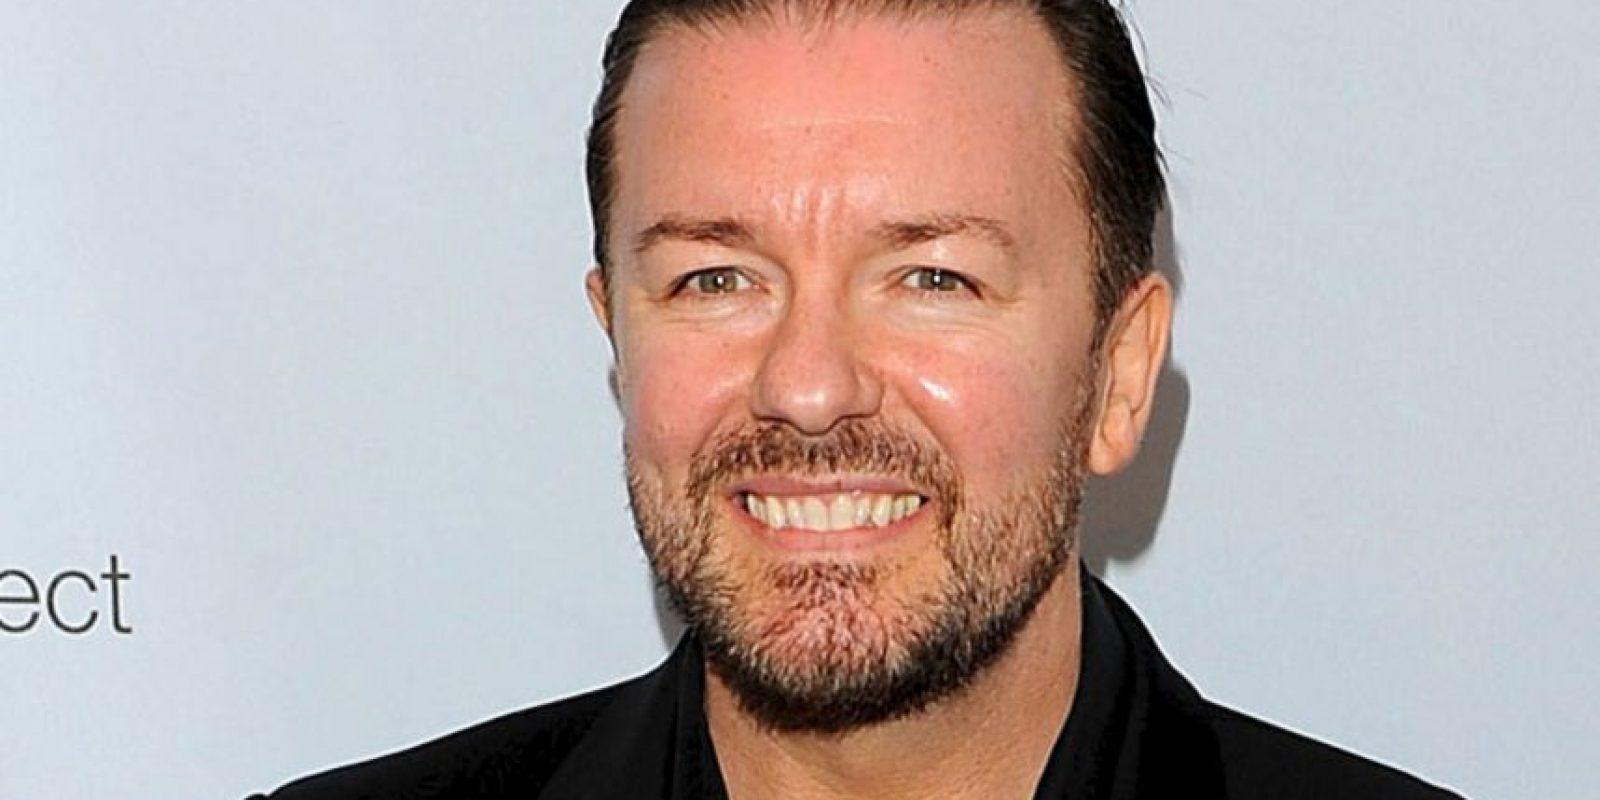 Ricky Gervais recibiría el premio en la categoría masculina. Foto:Getty Images